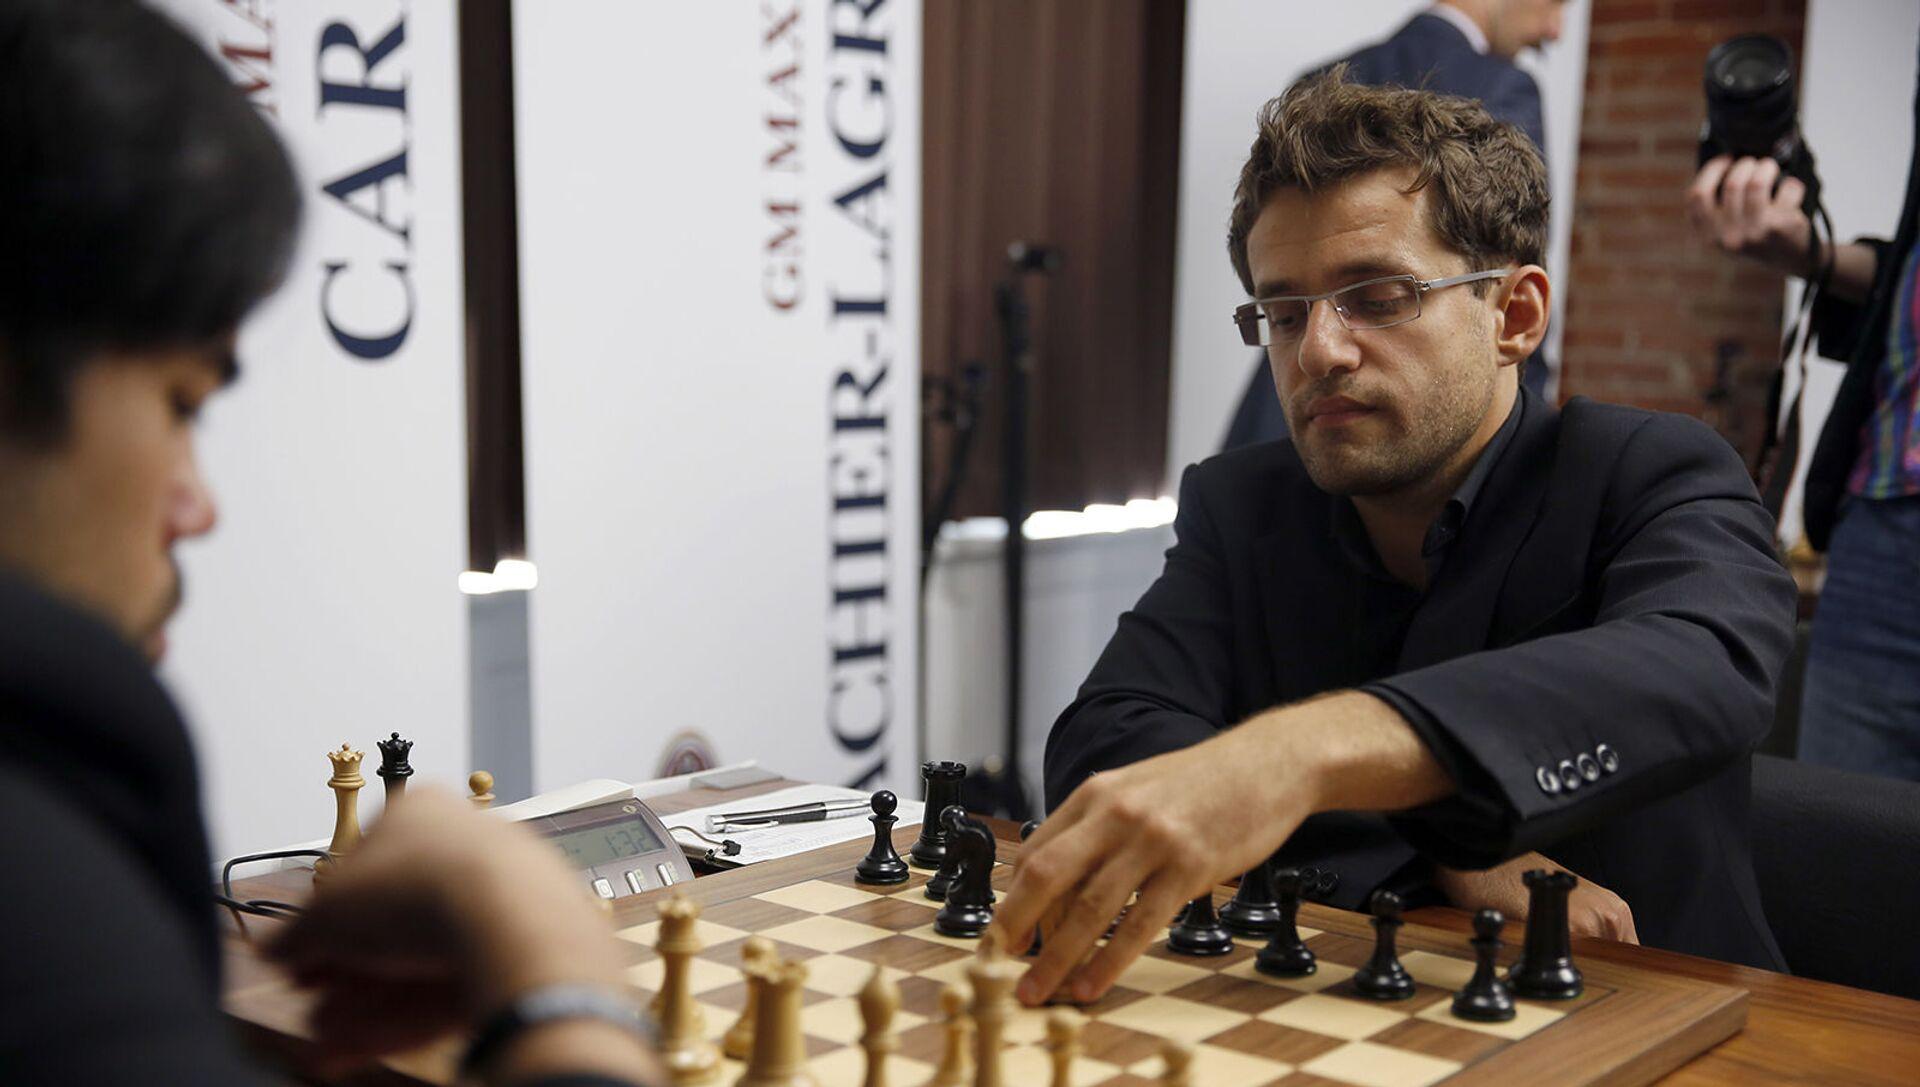 Левон Аронян во время 1-го тура 4-го турнира Большого шлема по шахматам в парке Ибирапуэра в Сан-Паулу - Sputnik Արմենիա, 1920, 30.08.2021